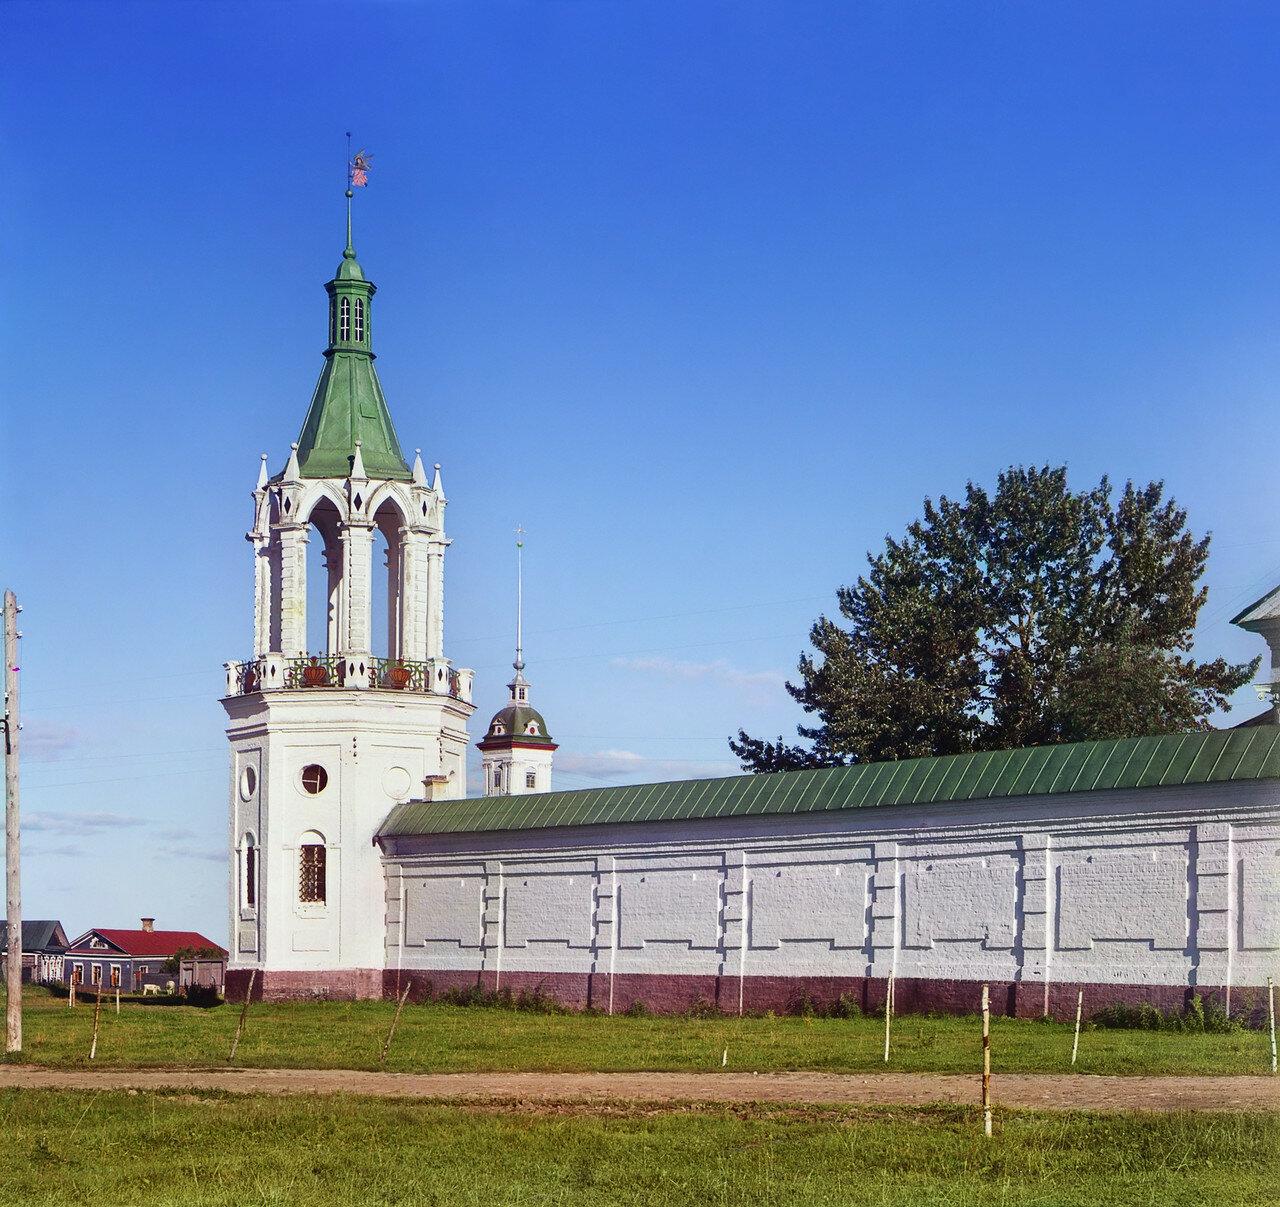 Окрестности Ростова Великого. Спасо-Яковлевский монастырь. Угловая башня стены монастыря